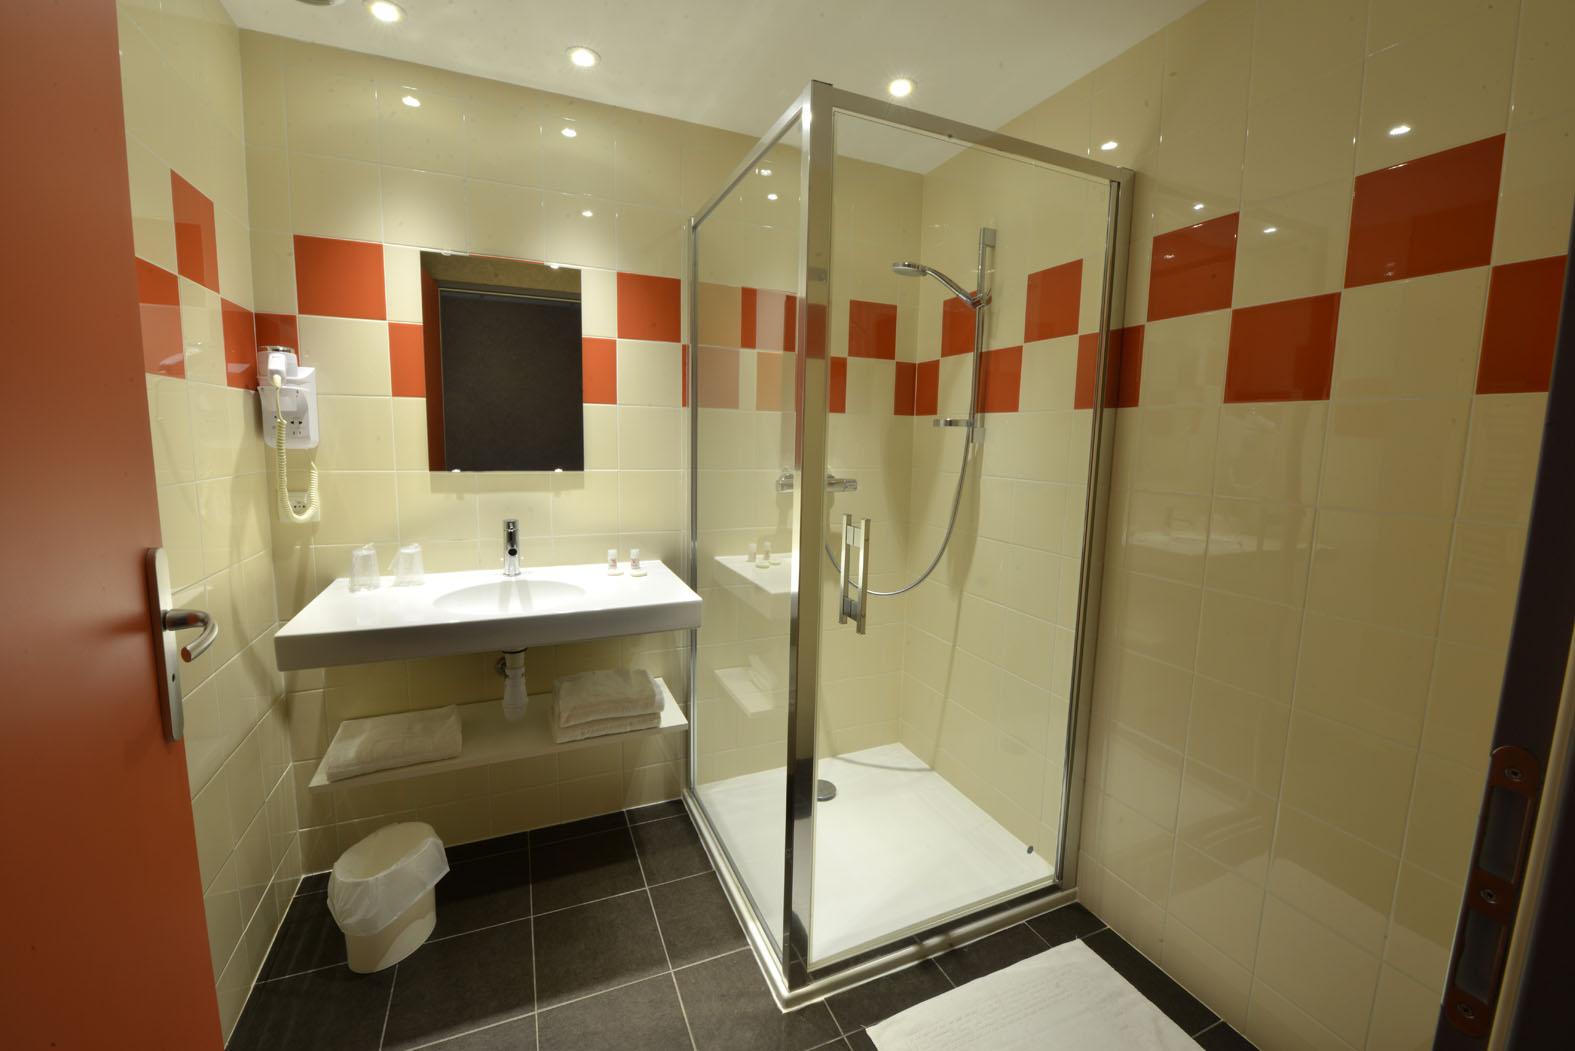 salle de bains - S. H. M. E. (SOCIÉTÉ HÔTELIÈRE MARIE ETIENNE)©SHME